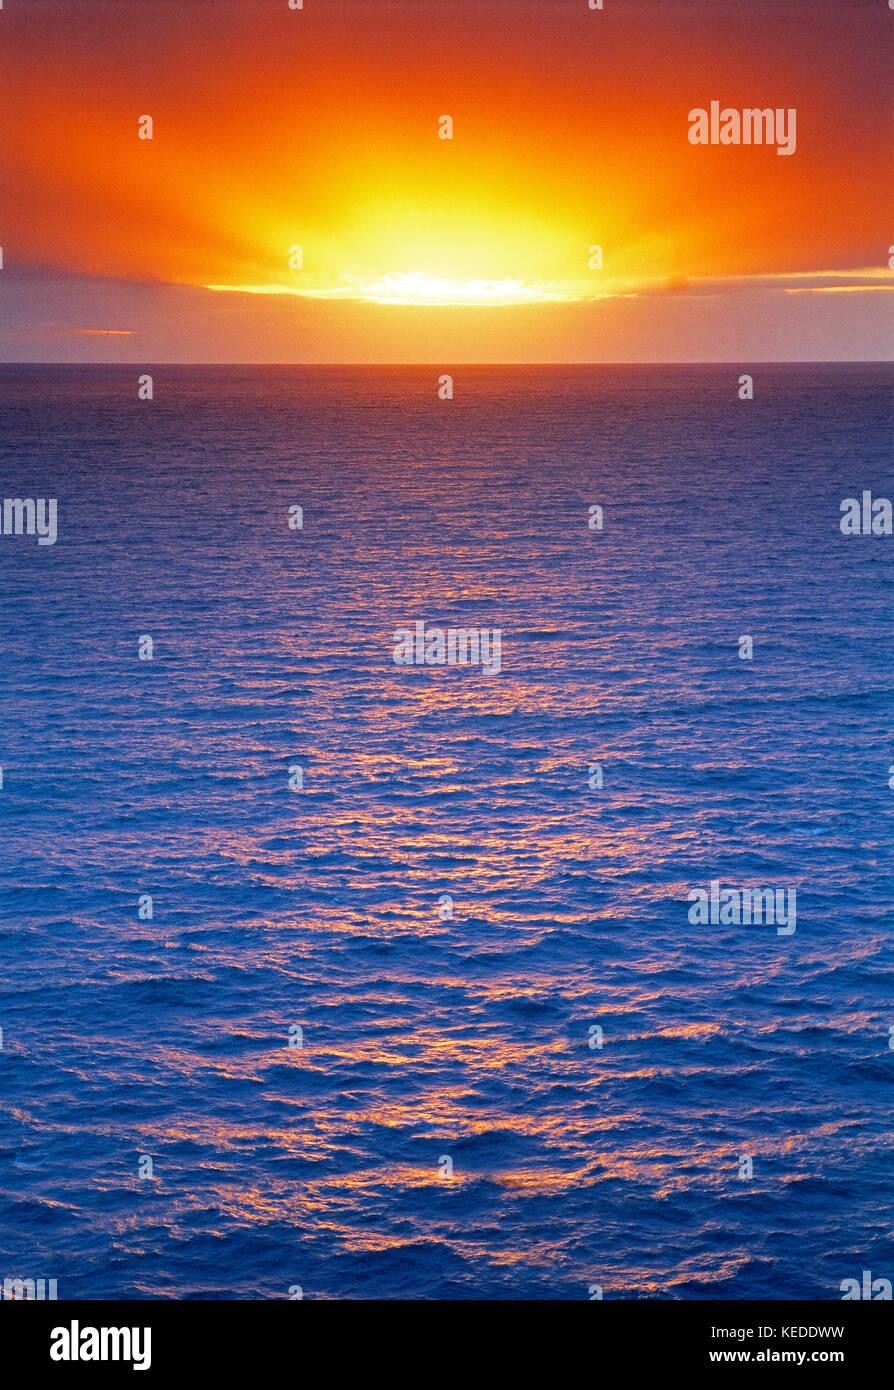 Scenic. Sunrise over the sea. Stock Photo